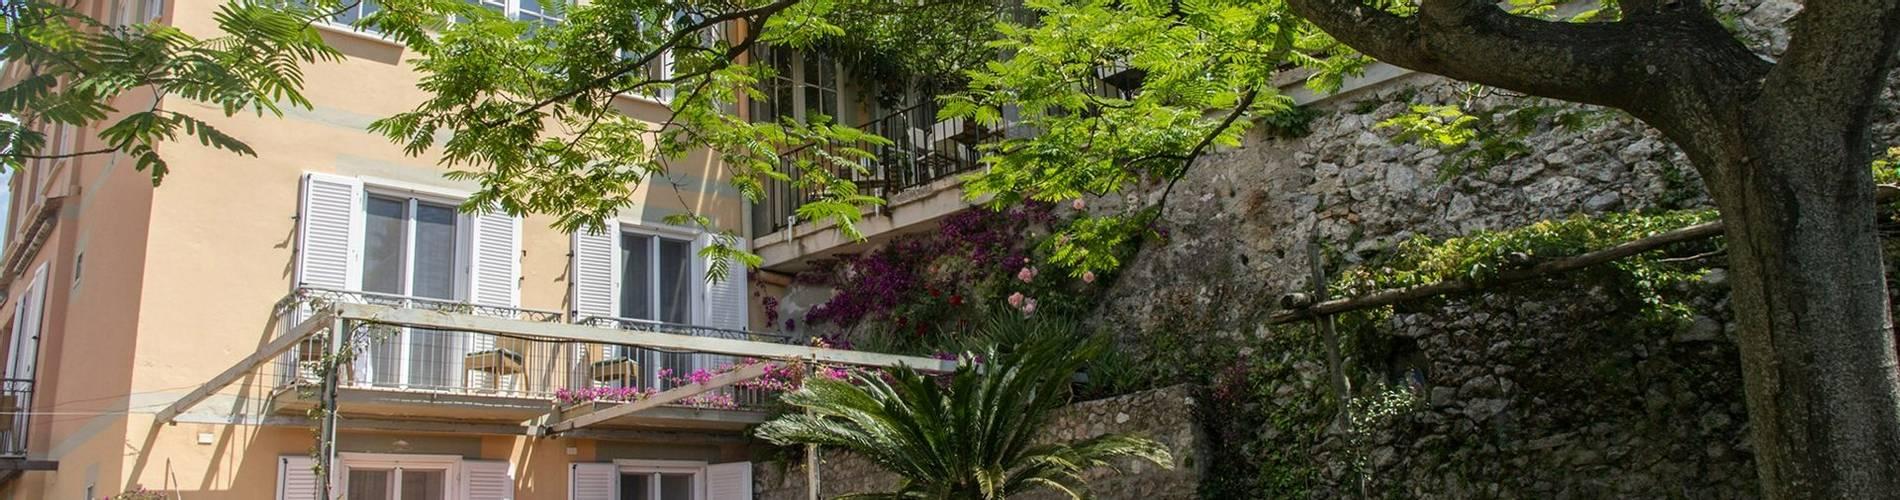 Villa Maria, Amalfi Coast, Italy, Garden - ground floor.jpg